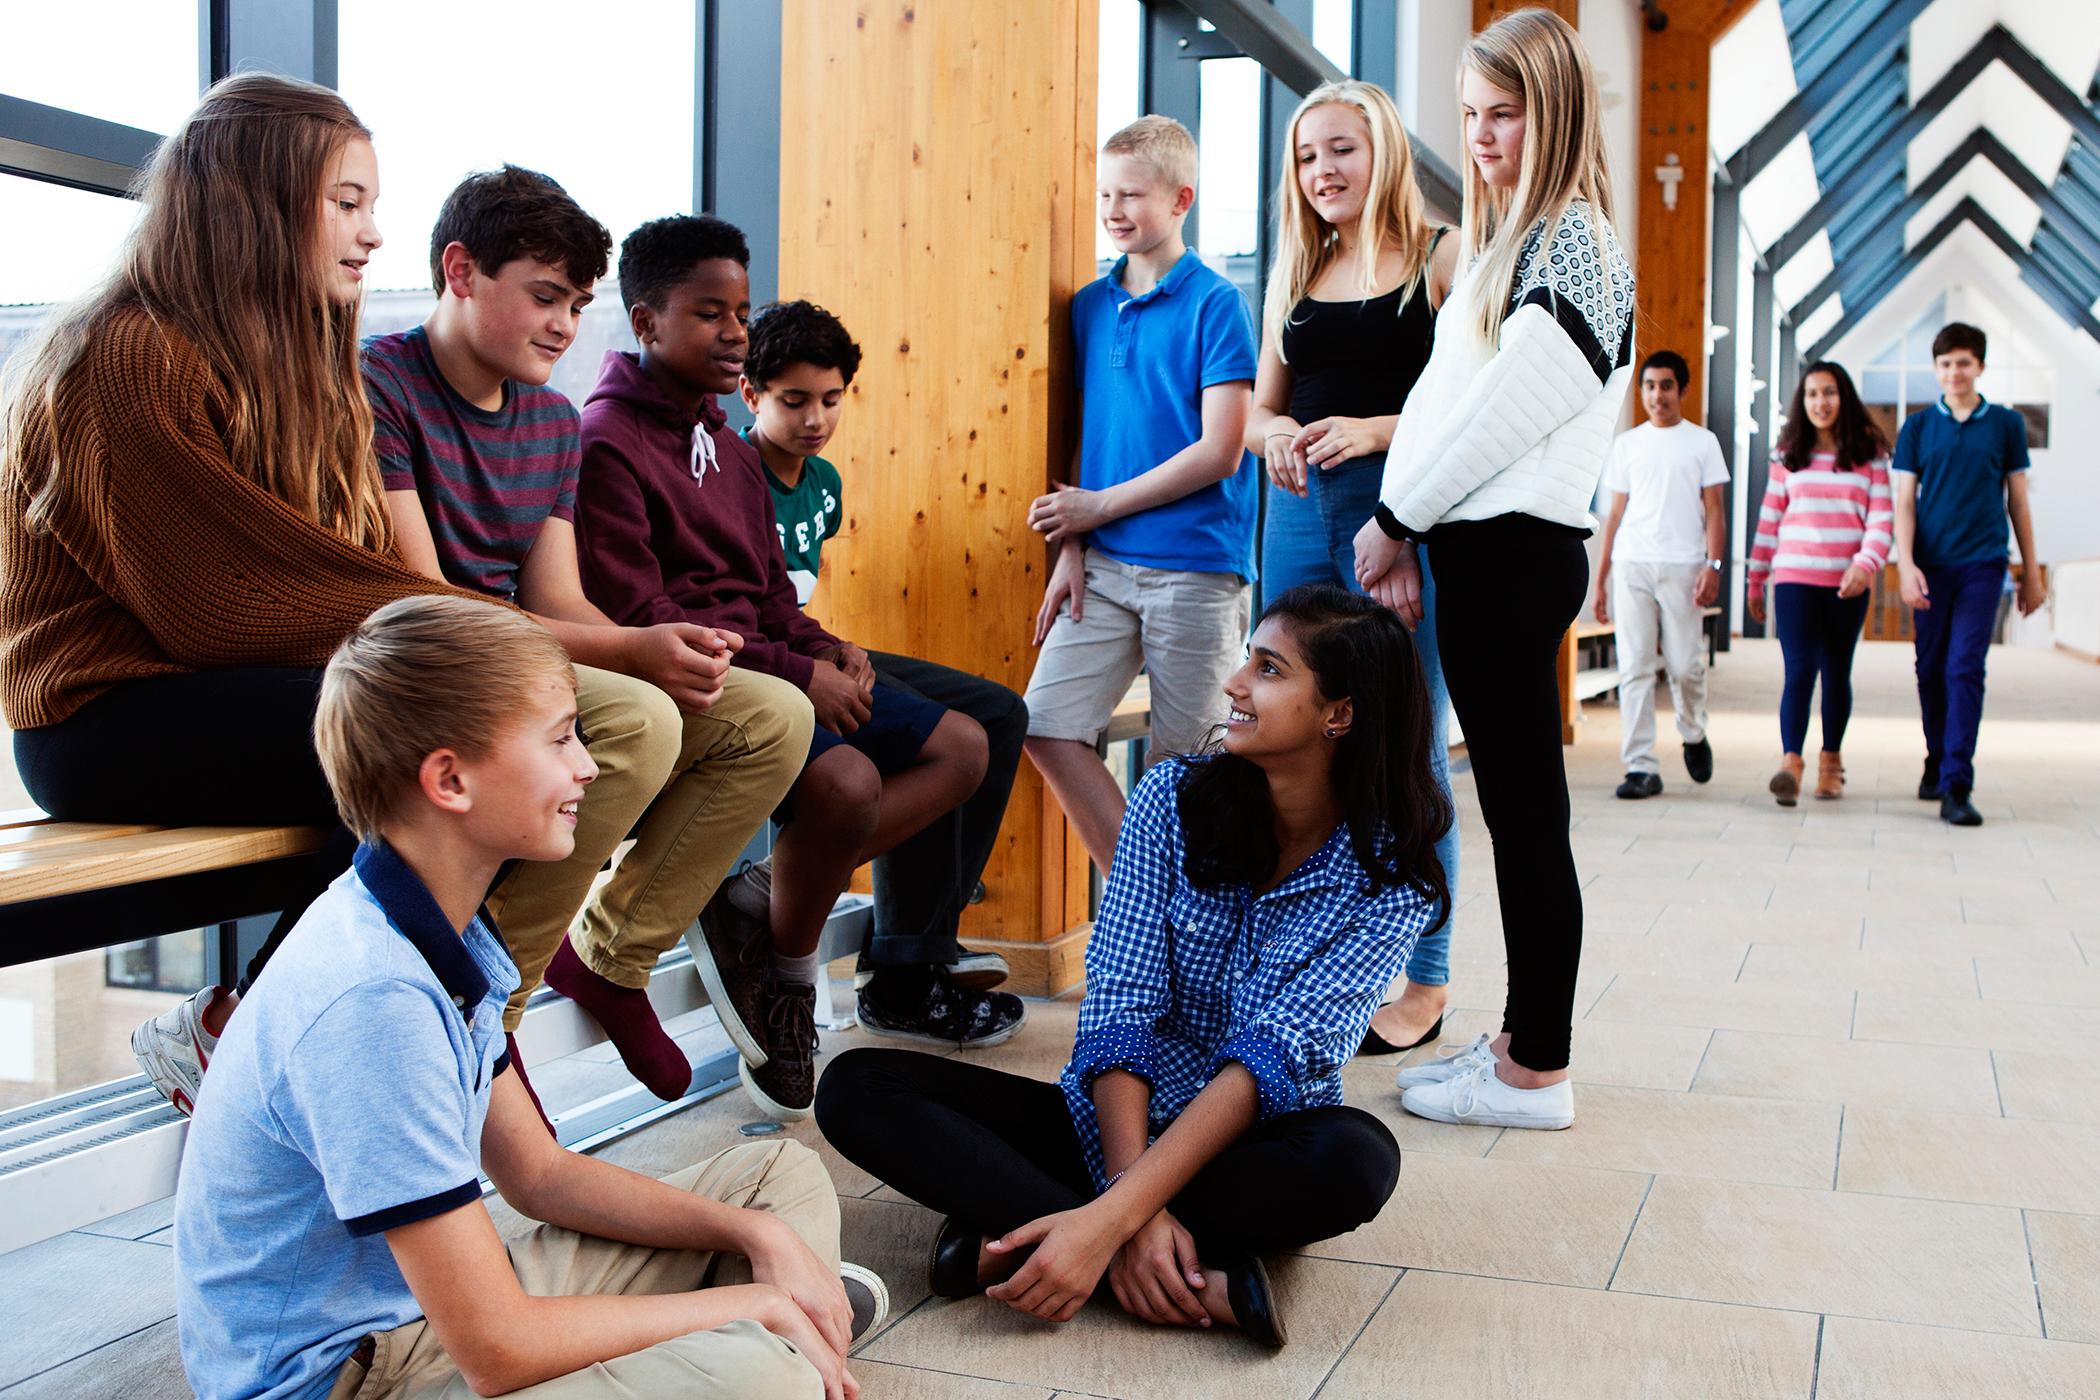 school children chatting in hallway